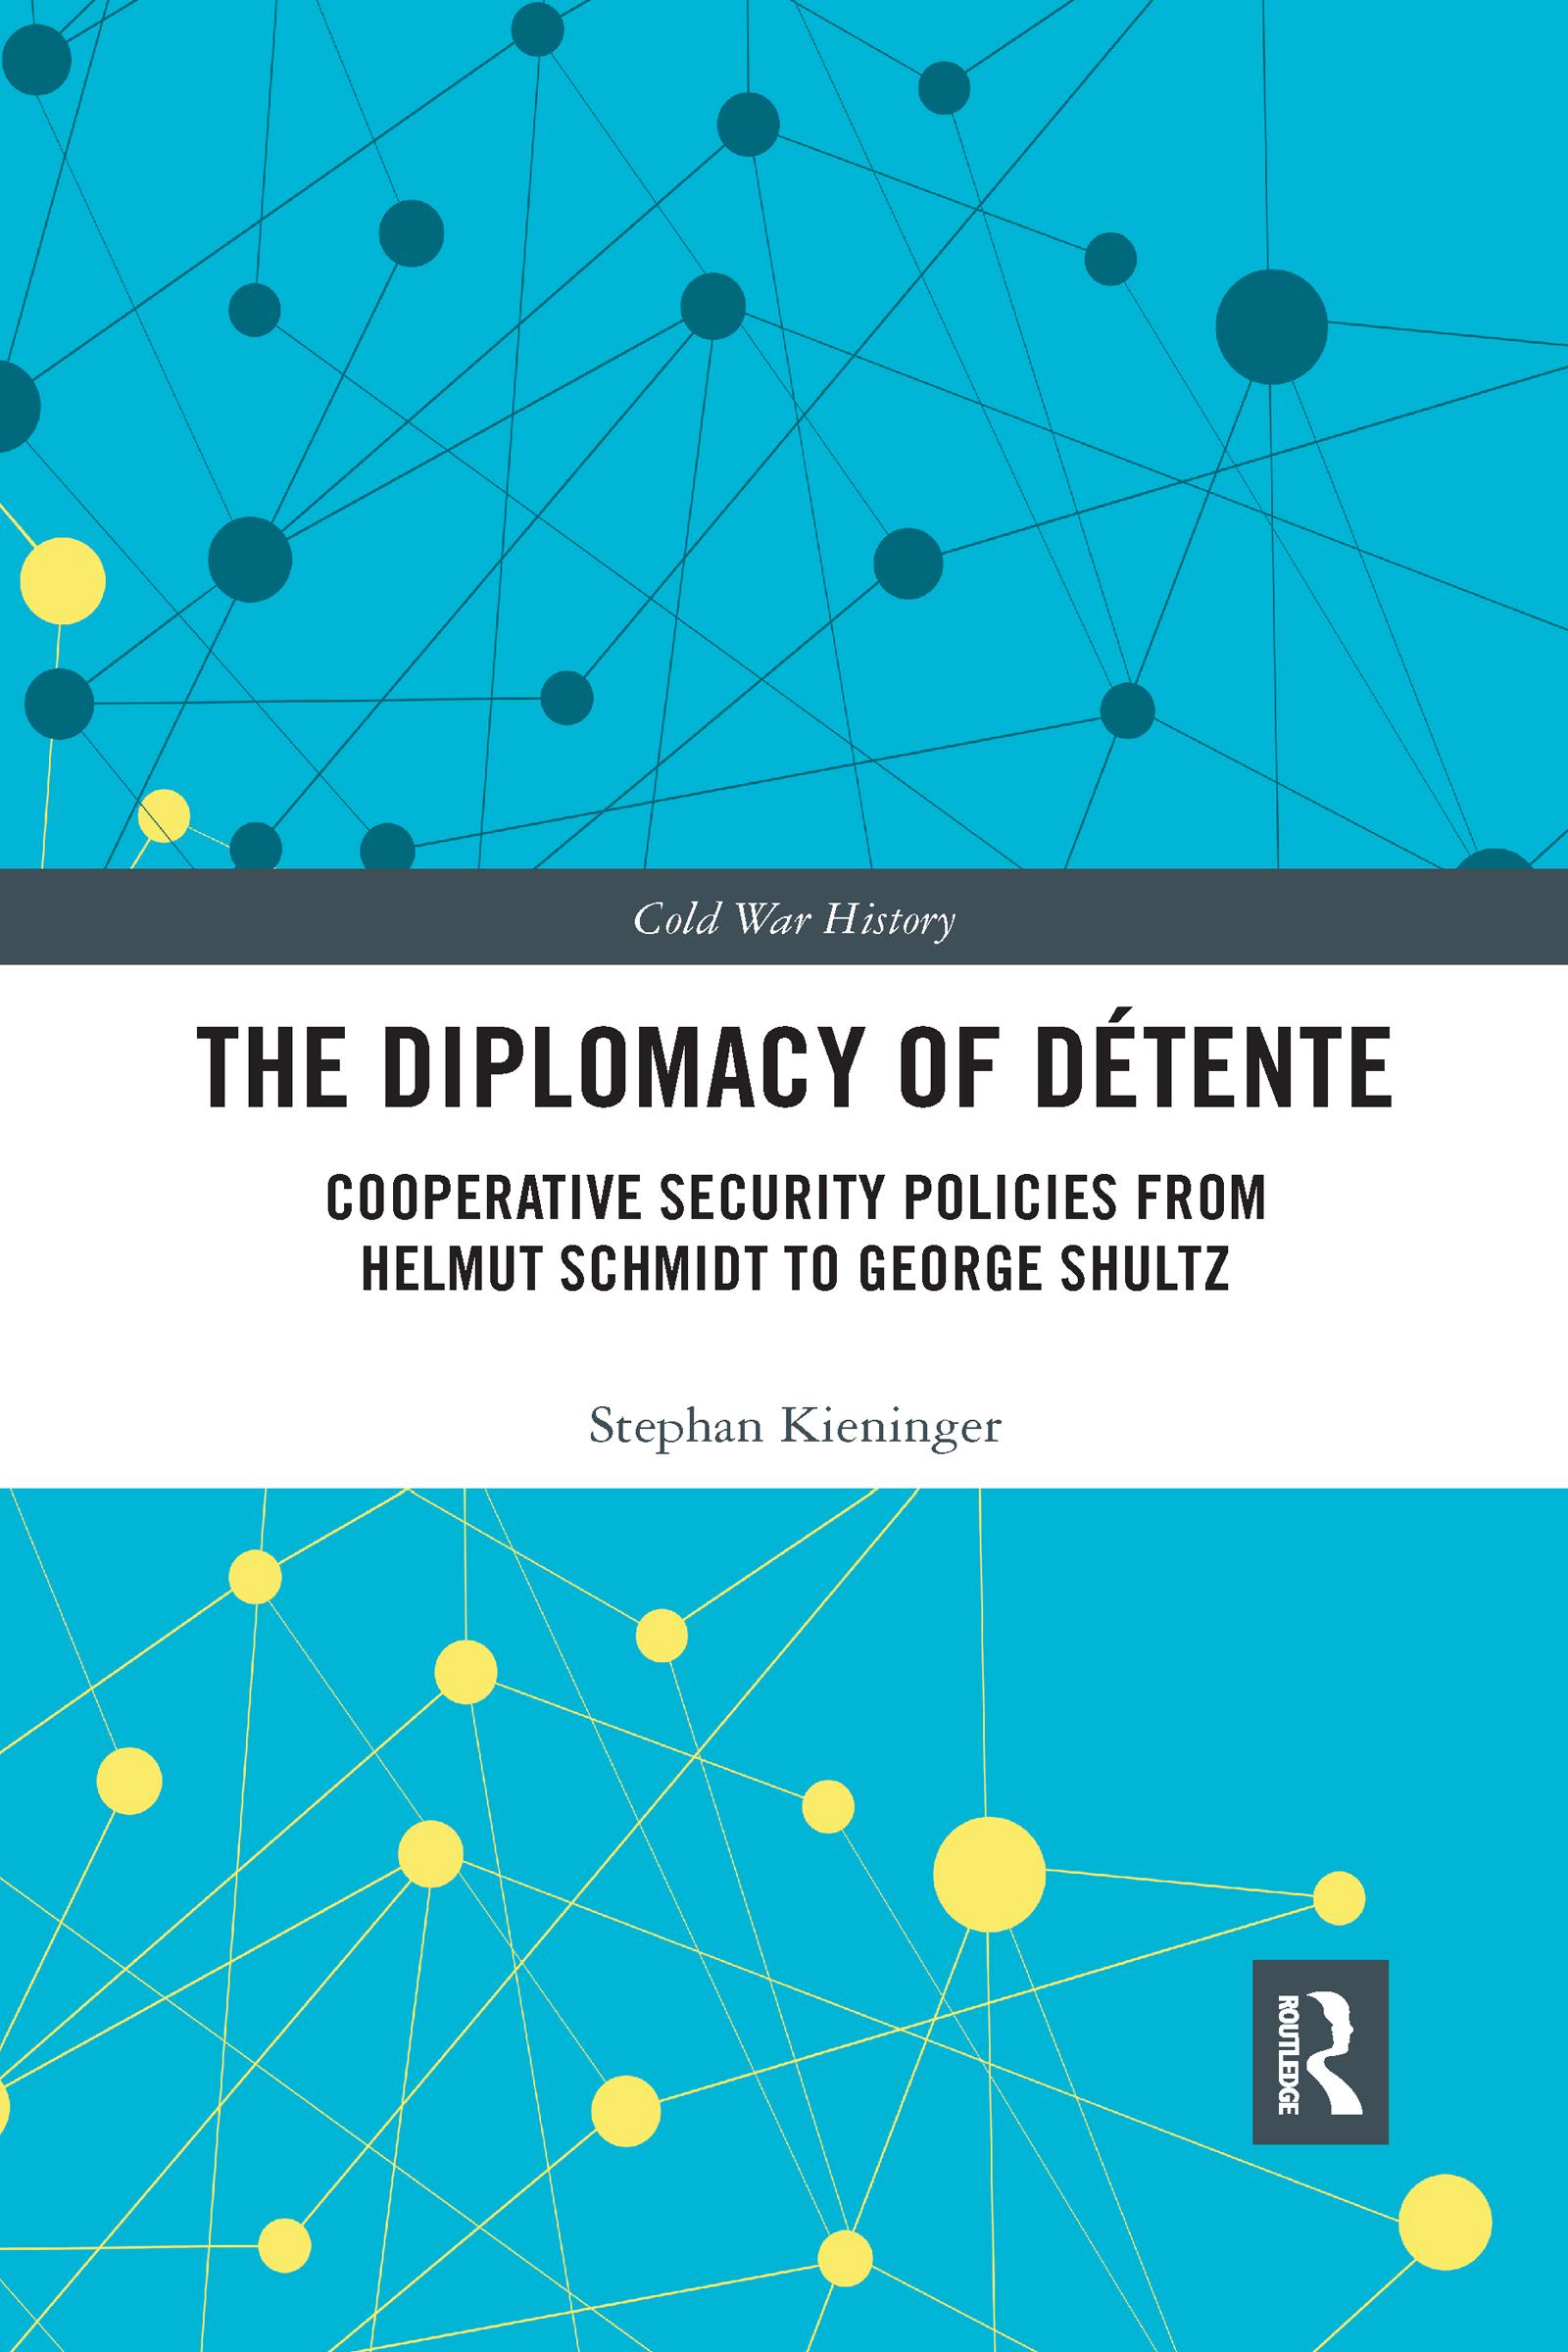 The Diplomacy of Détente